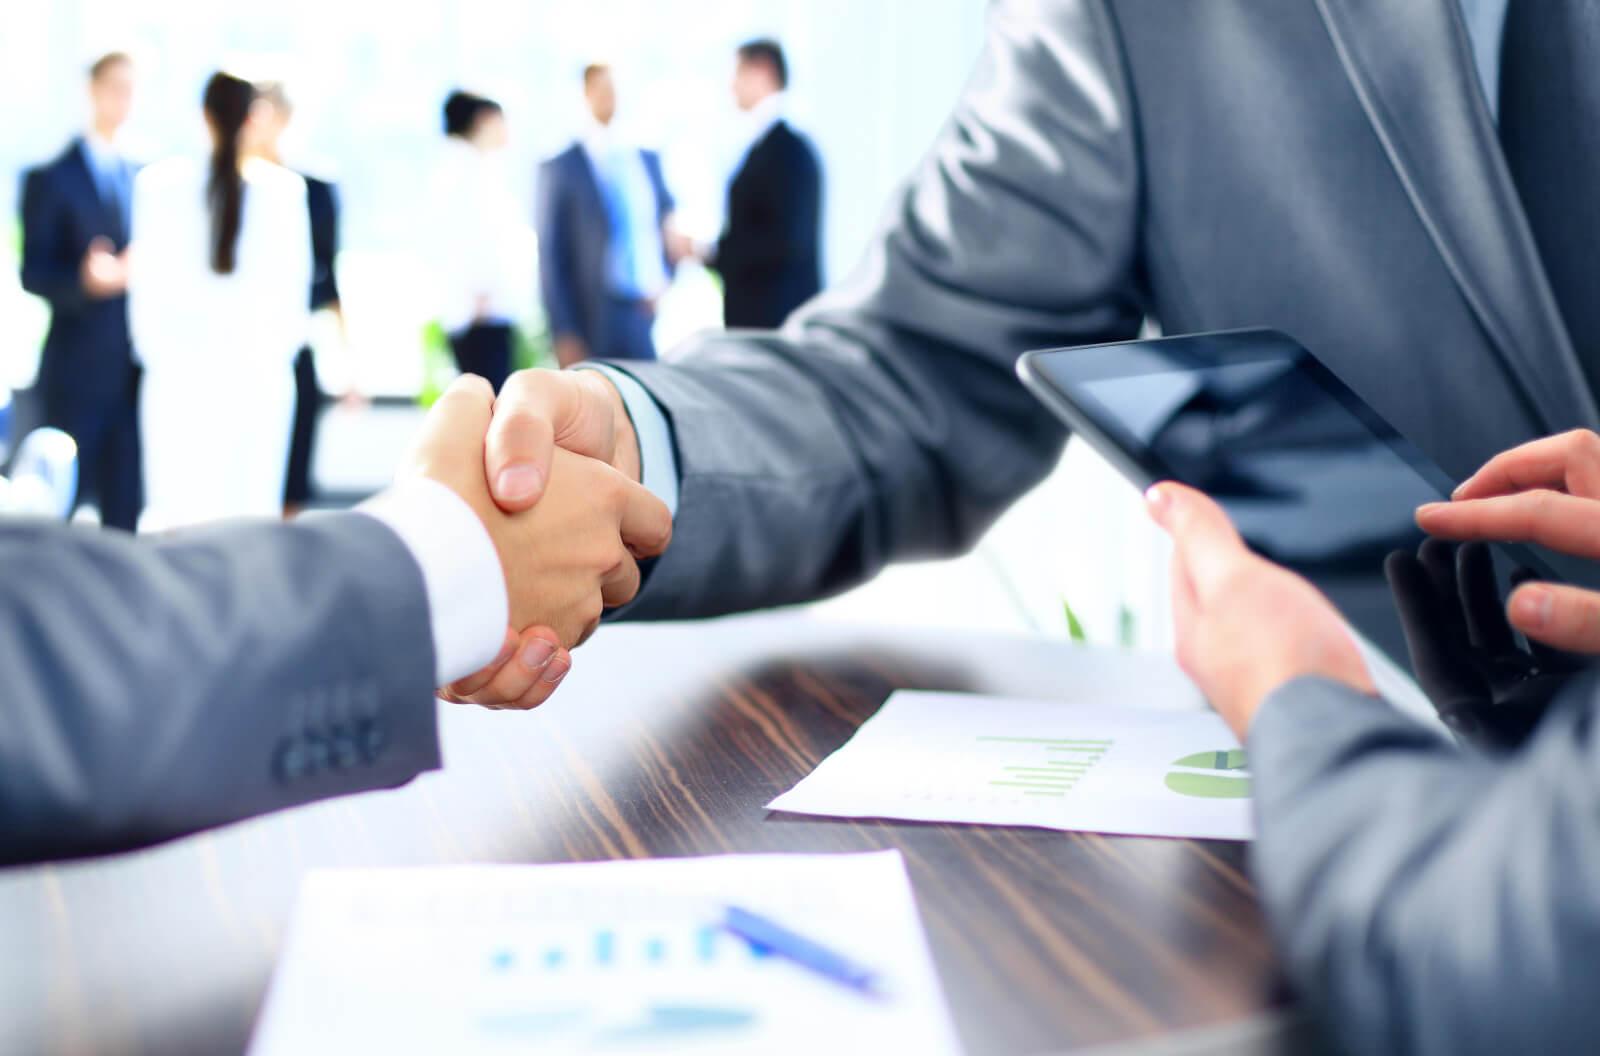 В какие сроки регистрируется коллективный договор или соглашение, как оформляется